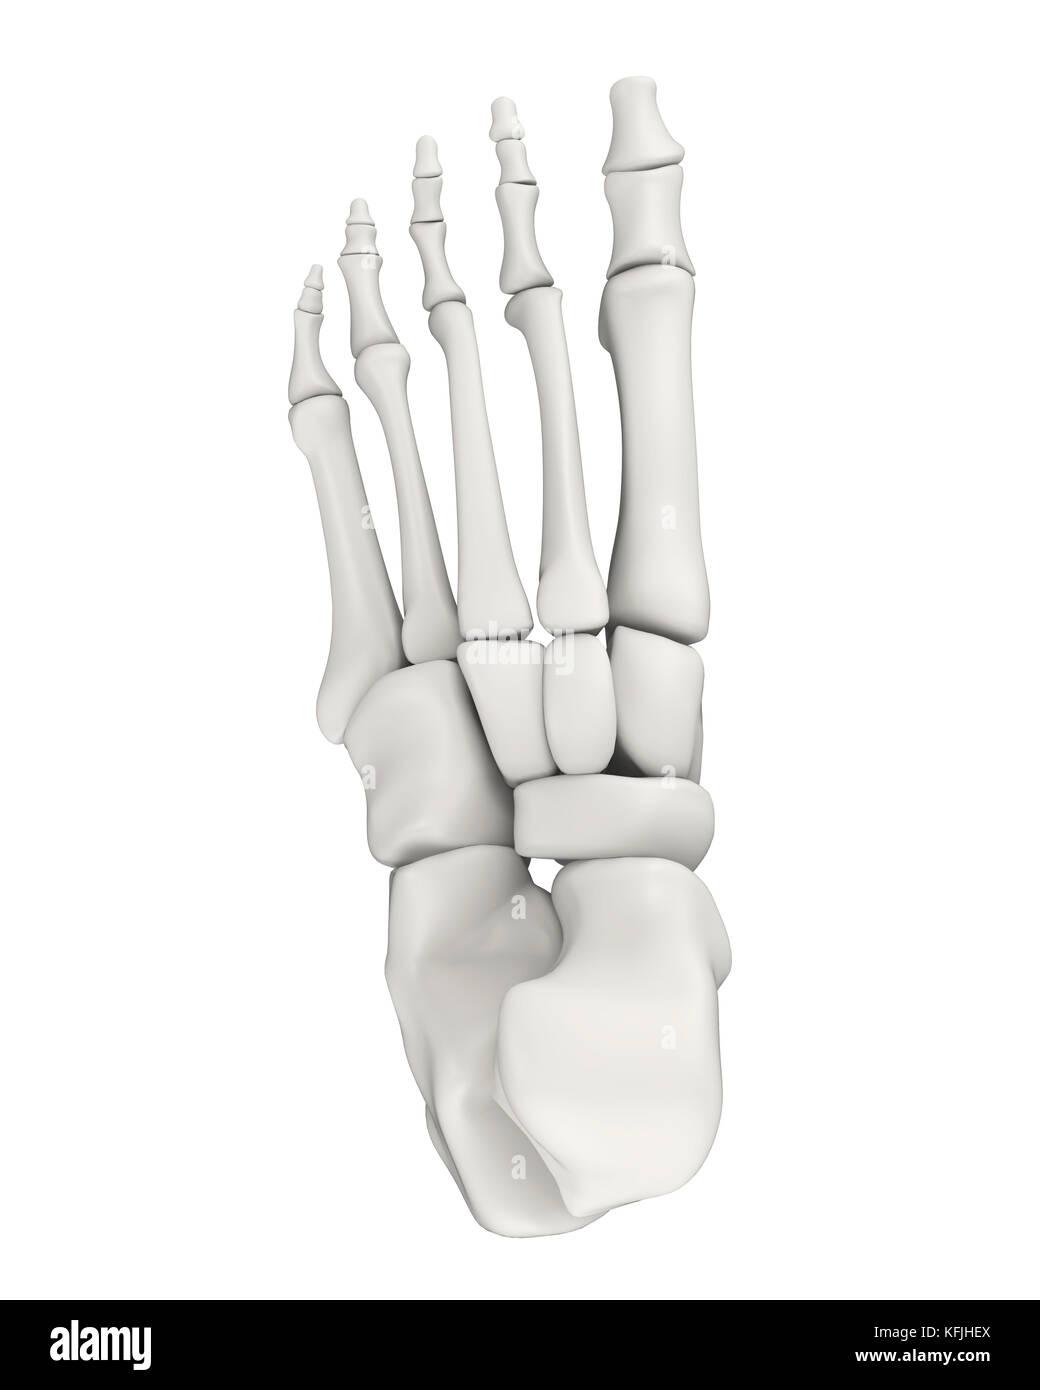 Erfreut Finger Nummerierung Anatomie Ideen - Menschliche Anatomie ...